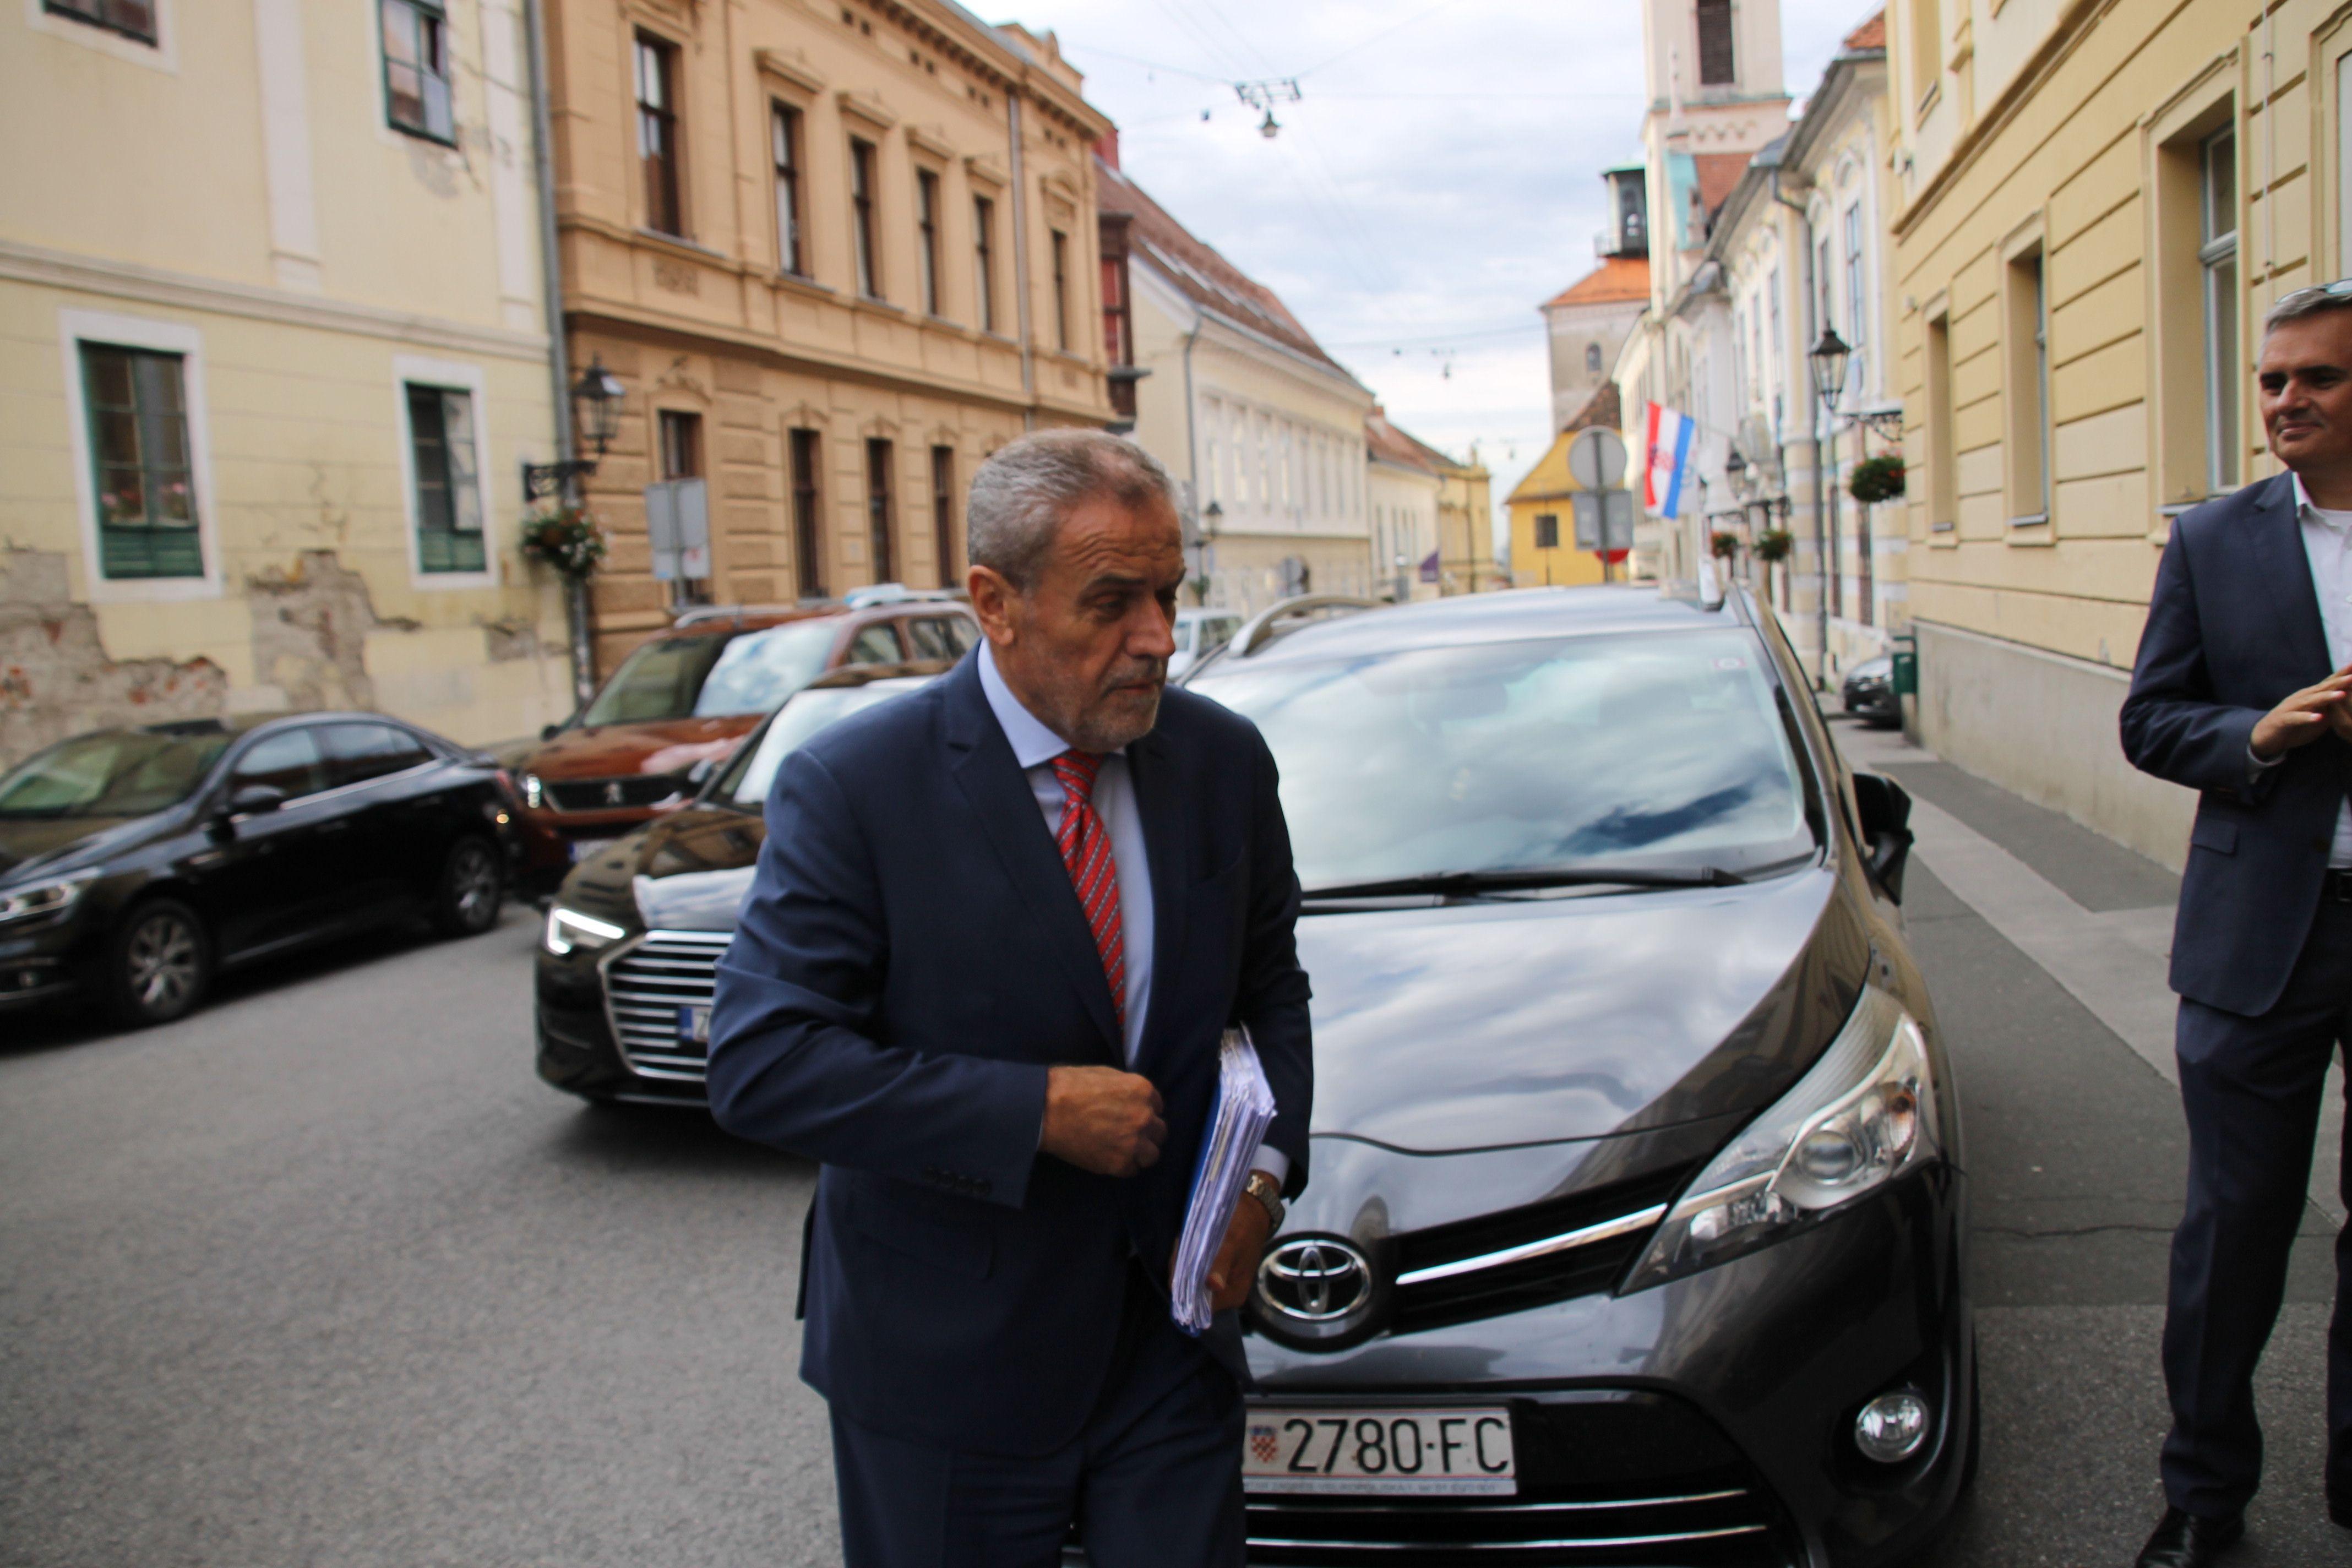 Bandić: Smiješno je što se za predsjednika kandidira neki drugi Milan Bandić